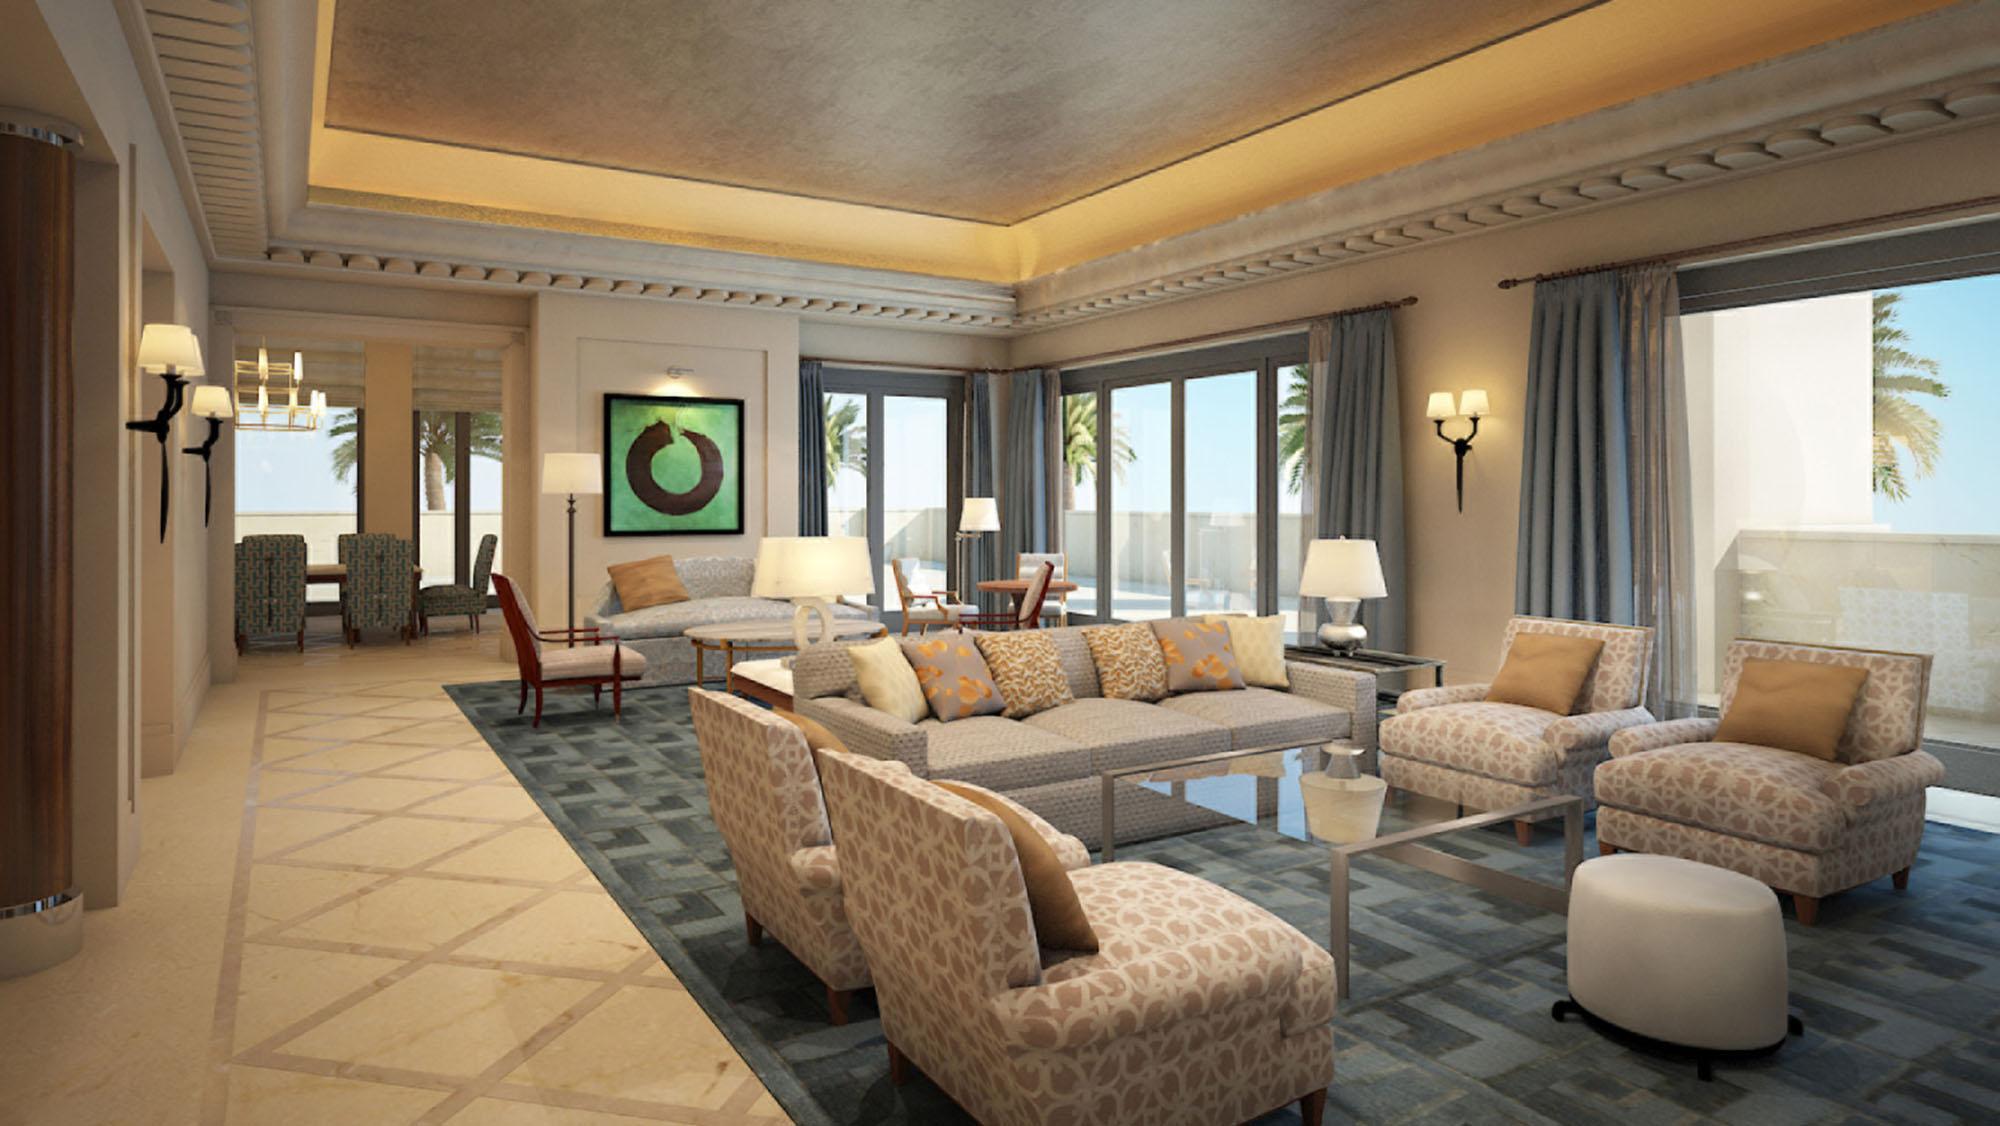 هتل فور سیزنز ریزورت ات جمیرا بیچ